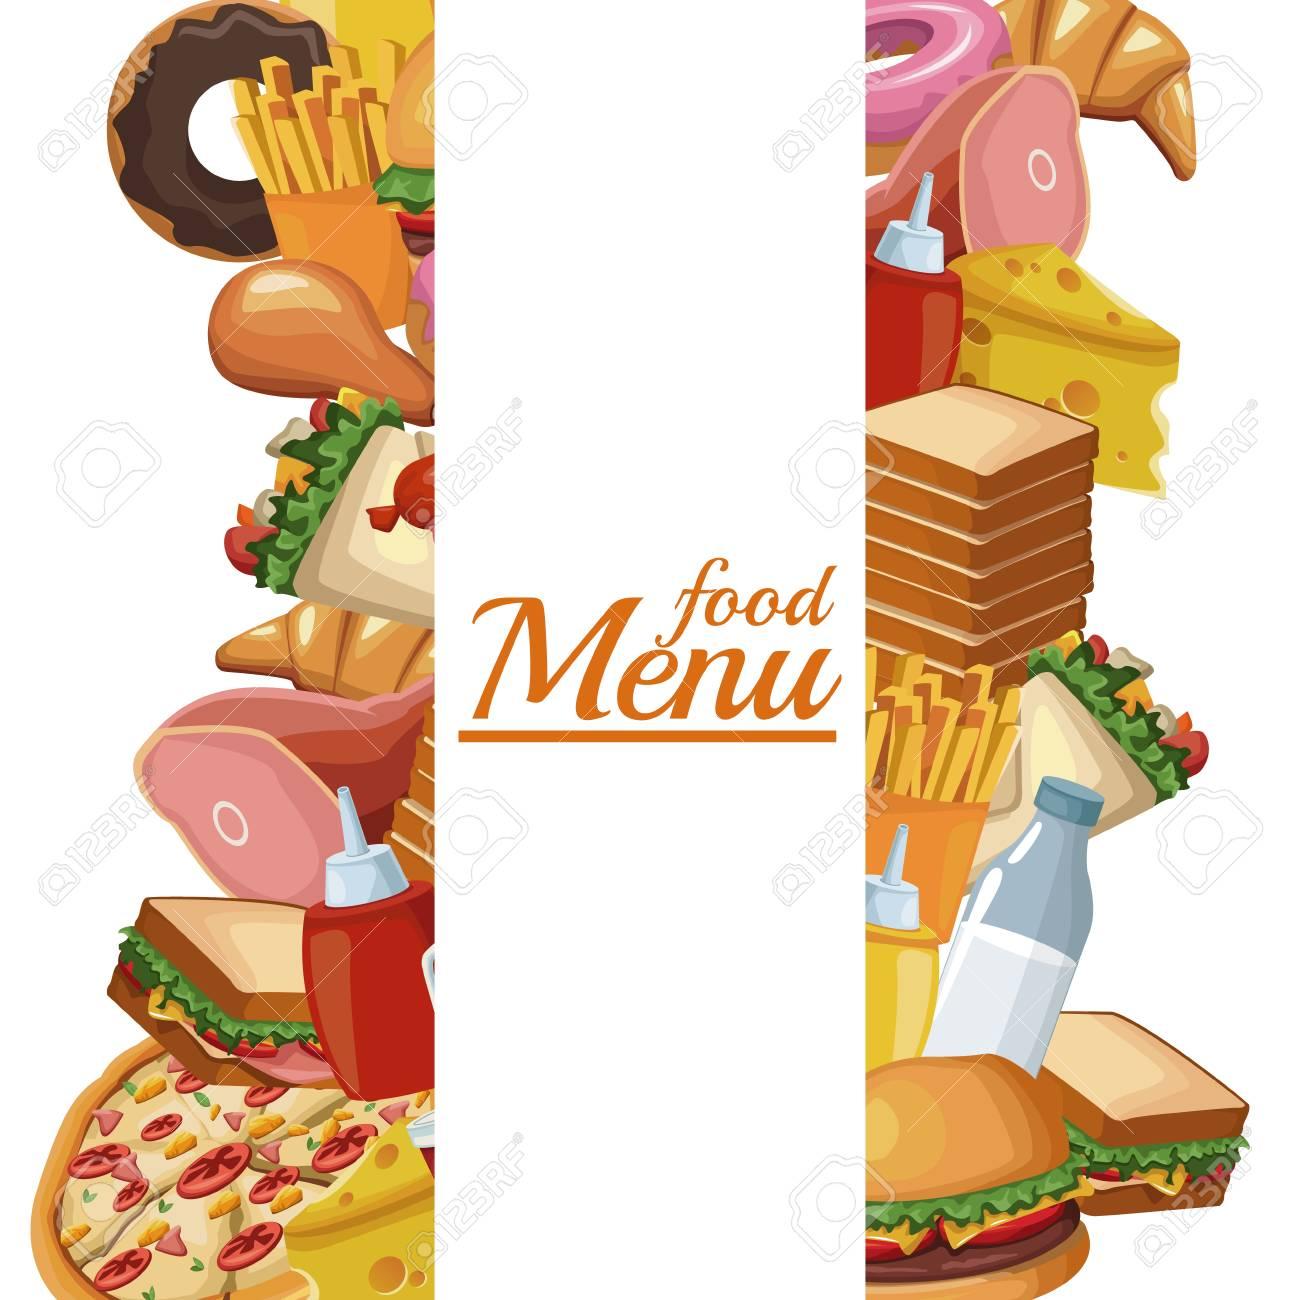 diseño gráfico del ejemplo del vector del icono del menú del